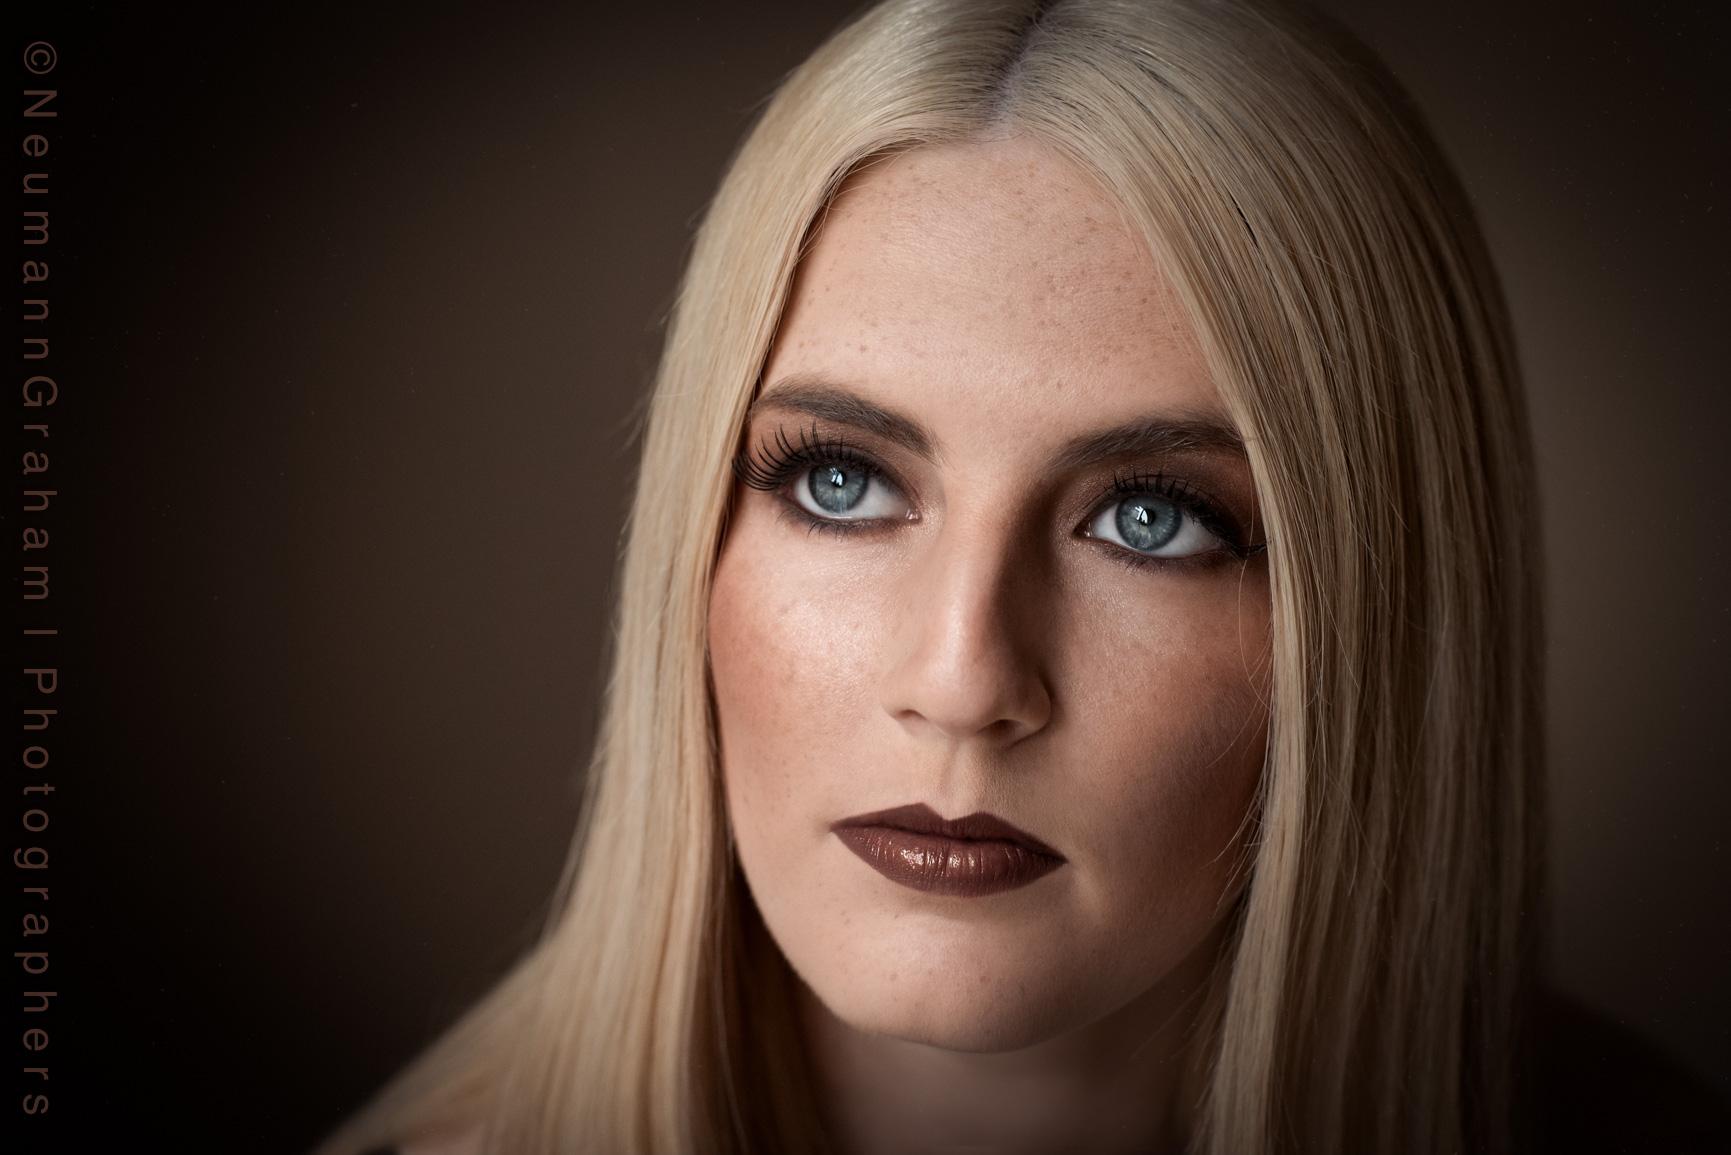 Kelly portrait-.jpg